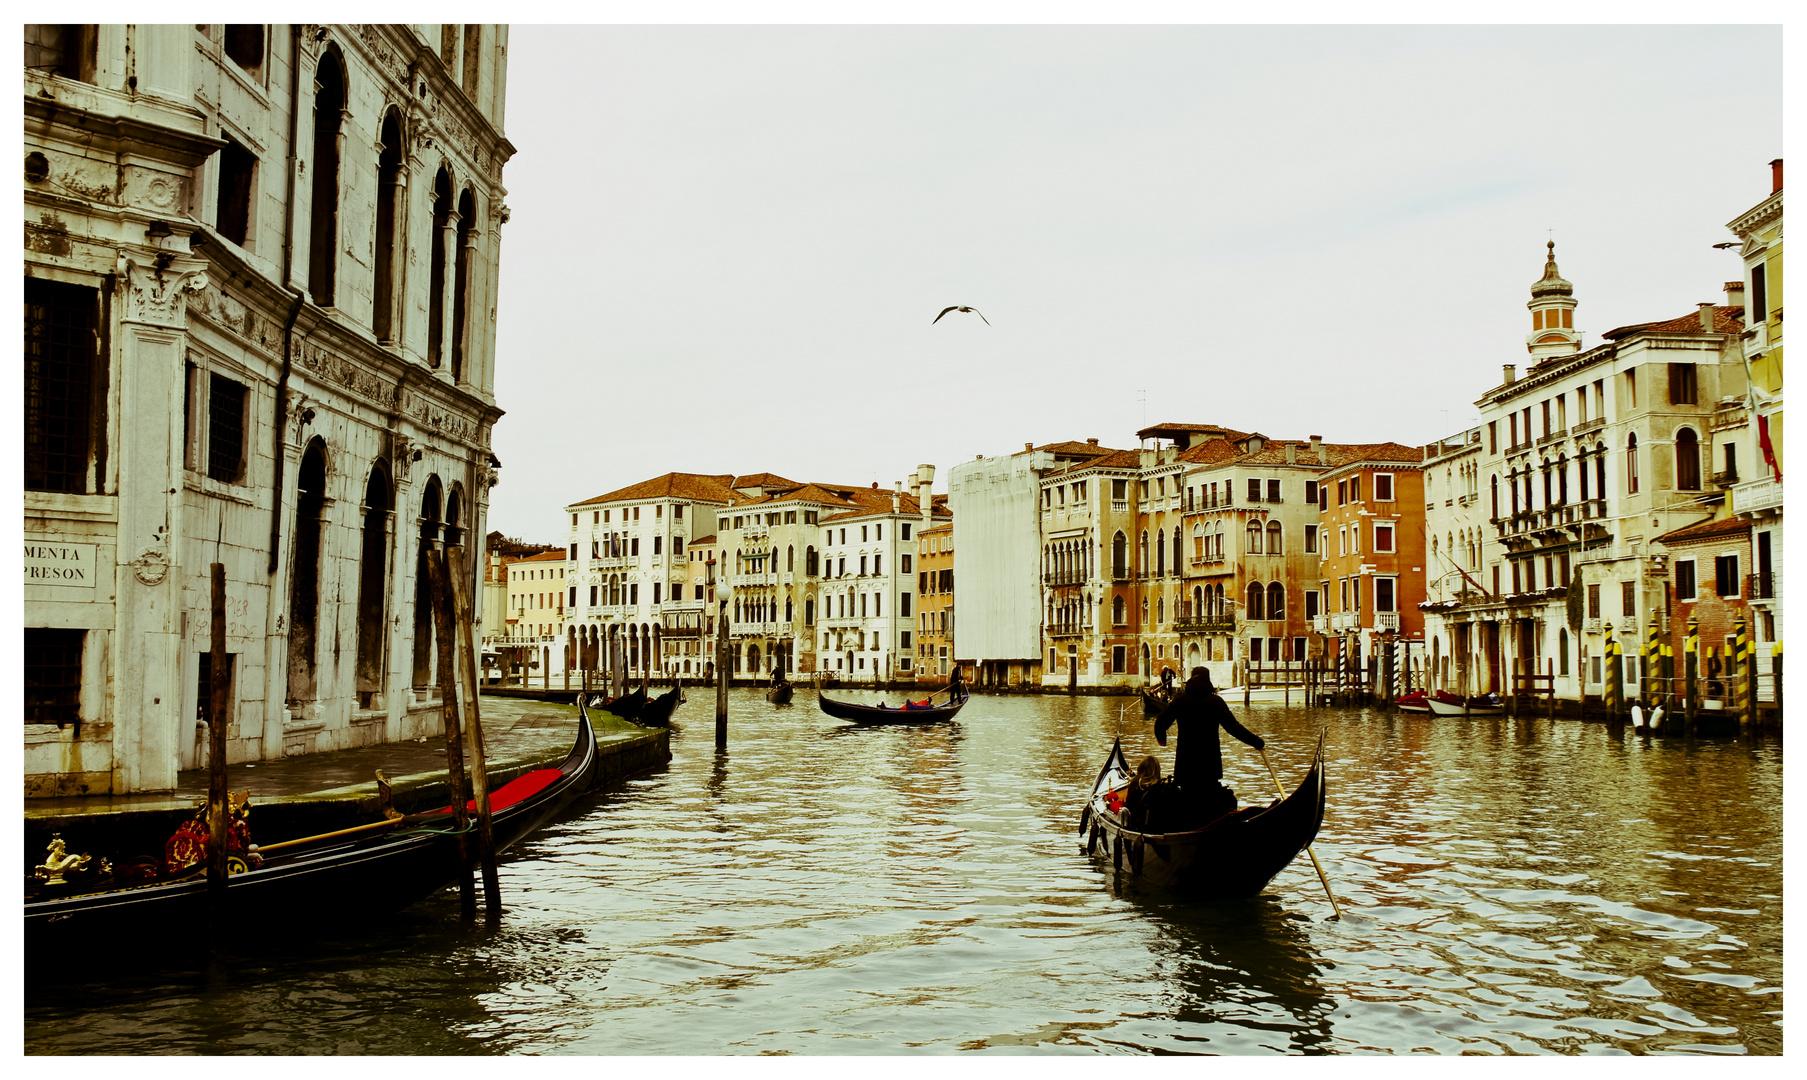 Venise - Balade sur le Grand Canal